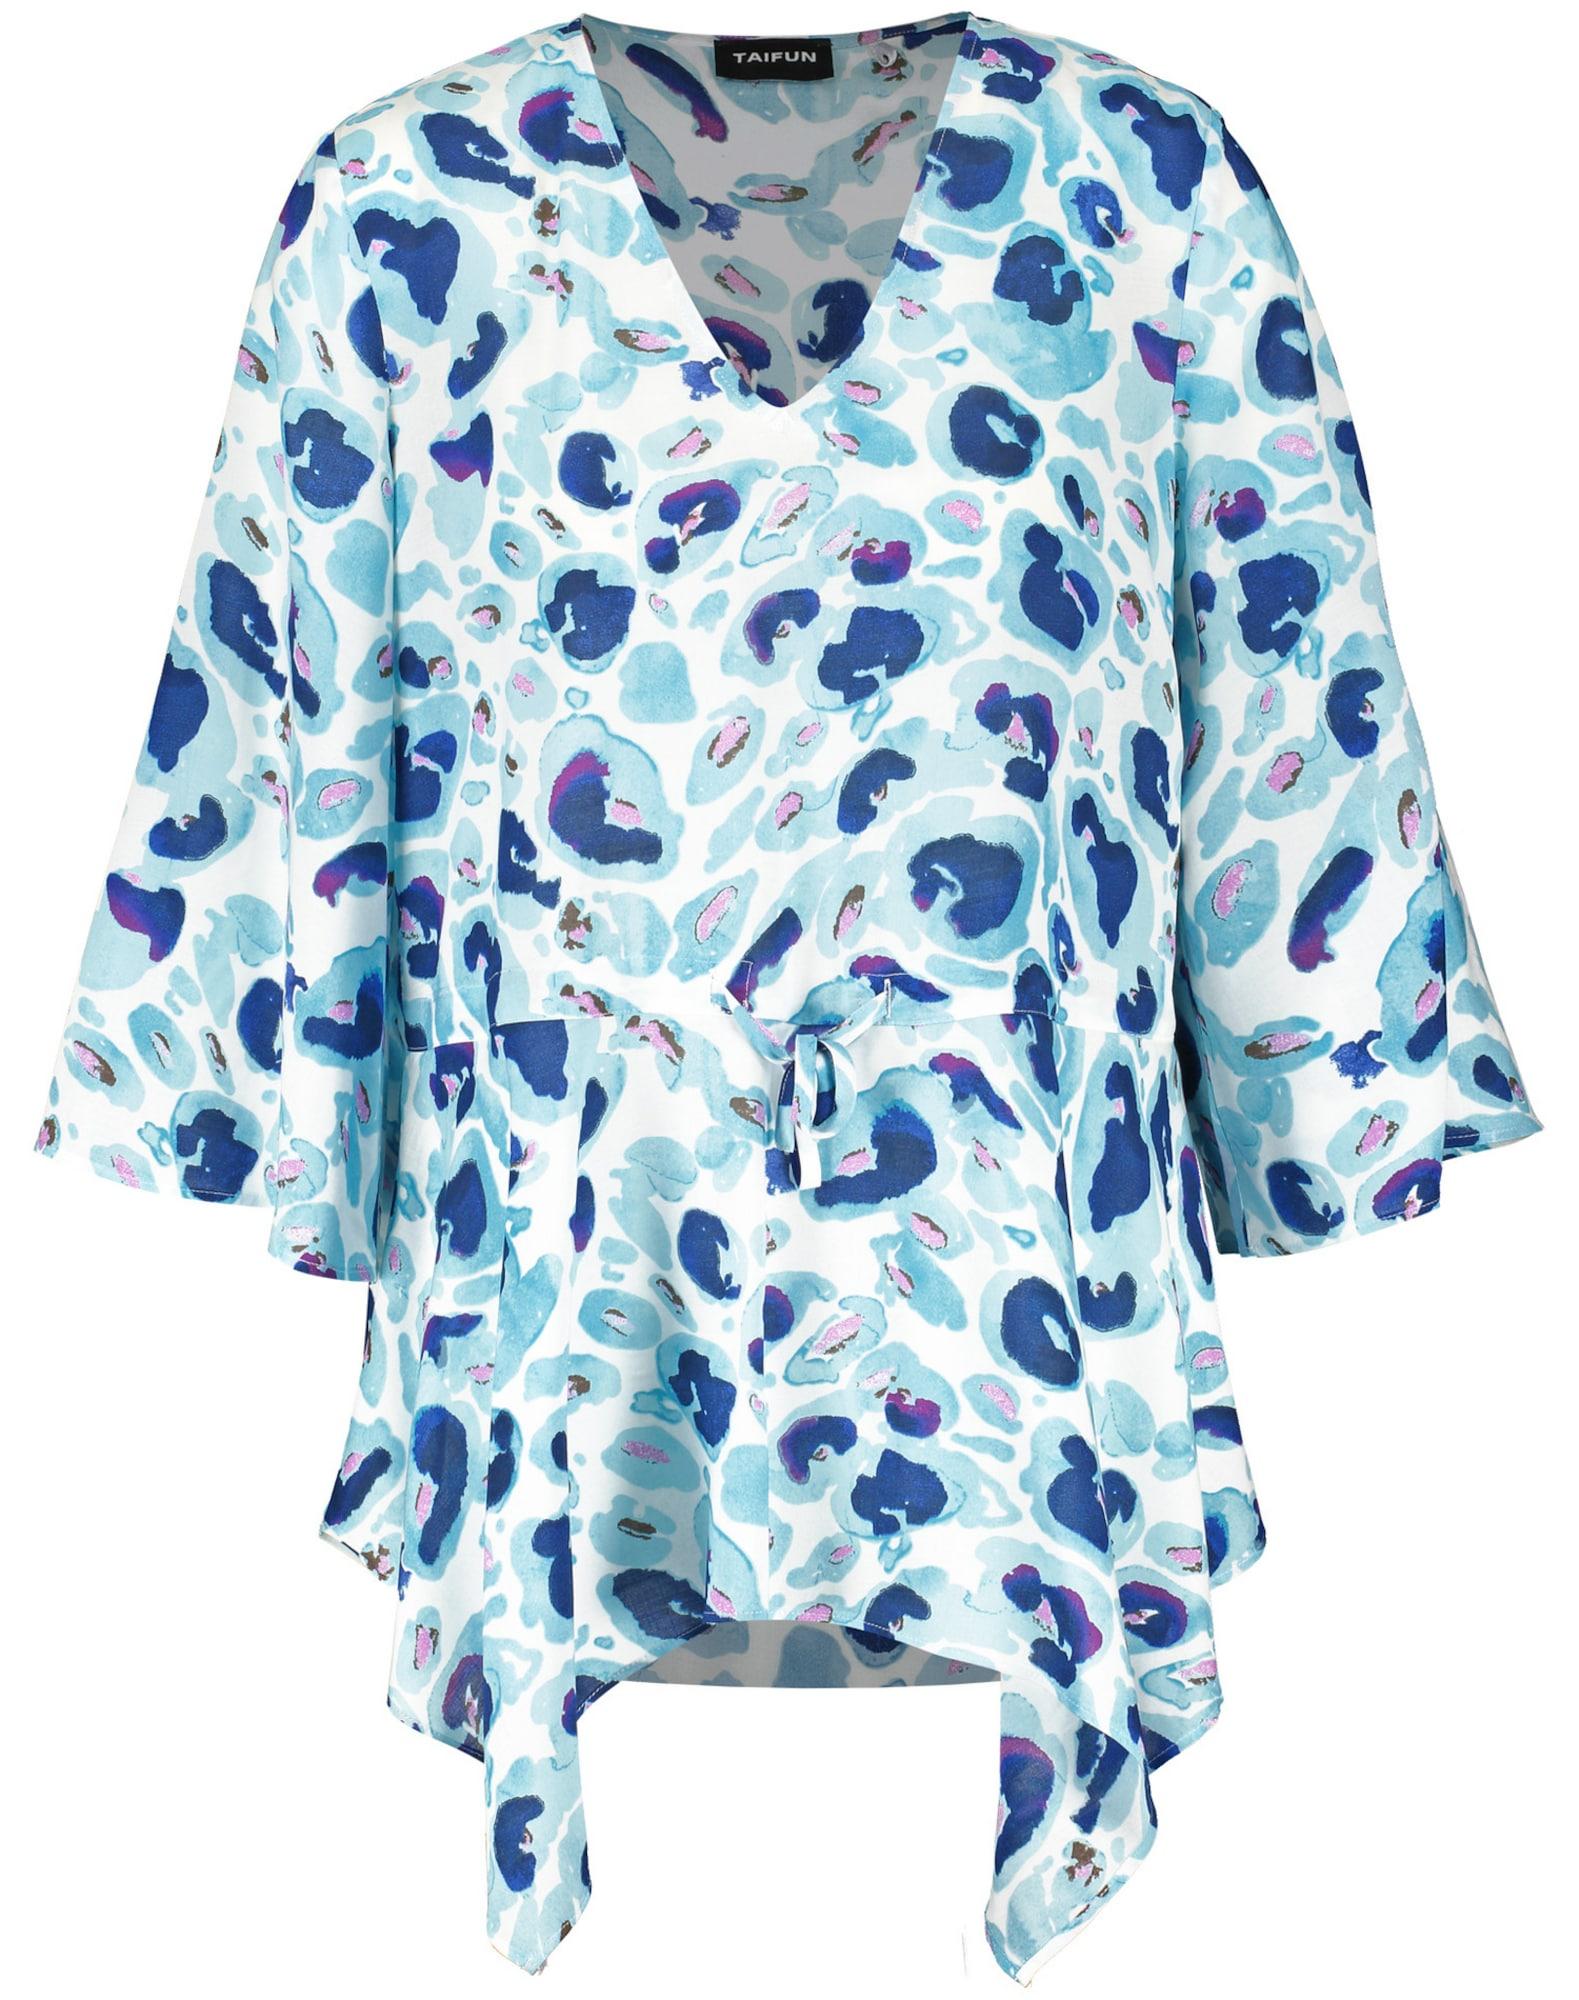 TAIFUN Palaidinė šviesiai mėlyna / indigo spalva / balta / orchidėjų spalva